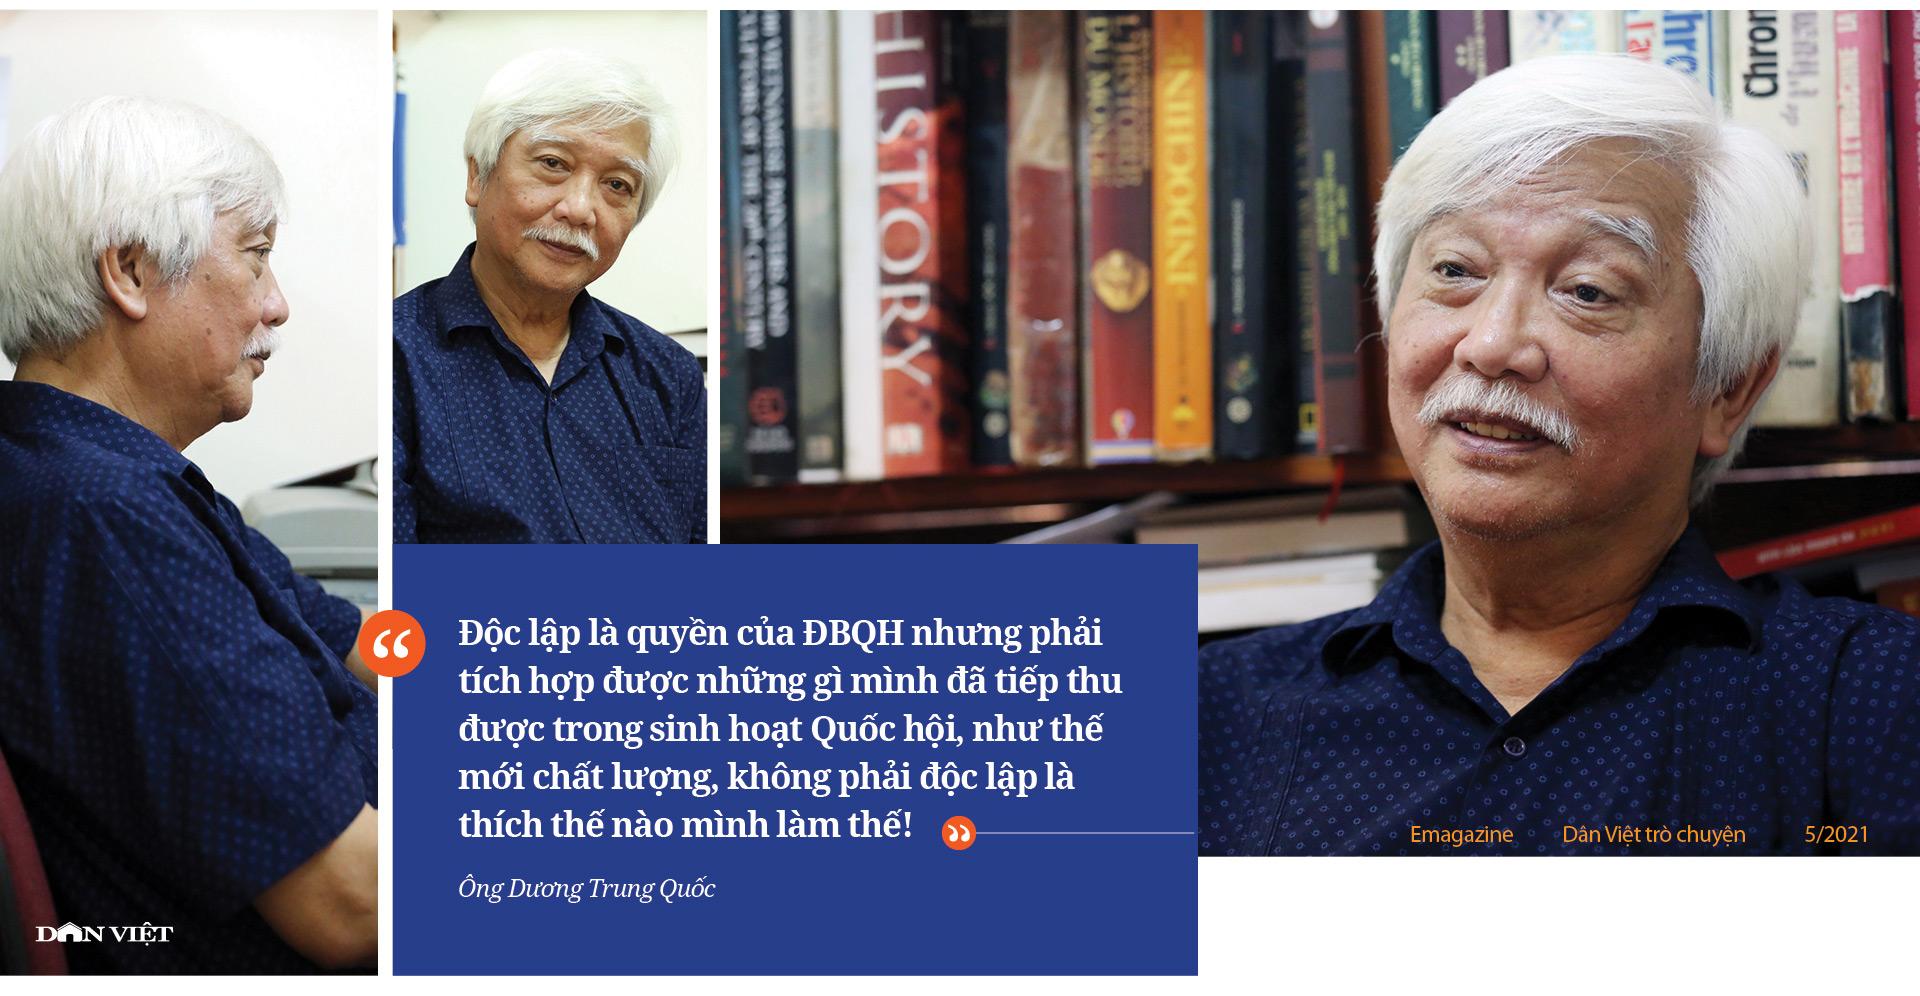 Ông Dương Trung Quốc chia sẻ những chuyện ít người biết sau 20 năm gắn bó nghị trường - Ảnh 14.